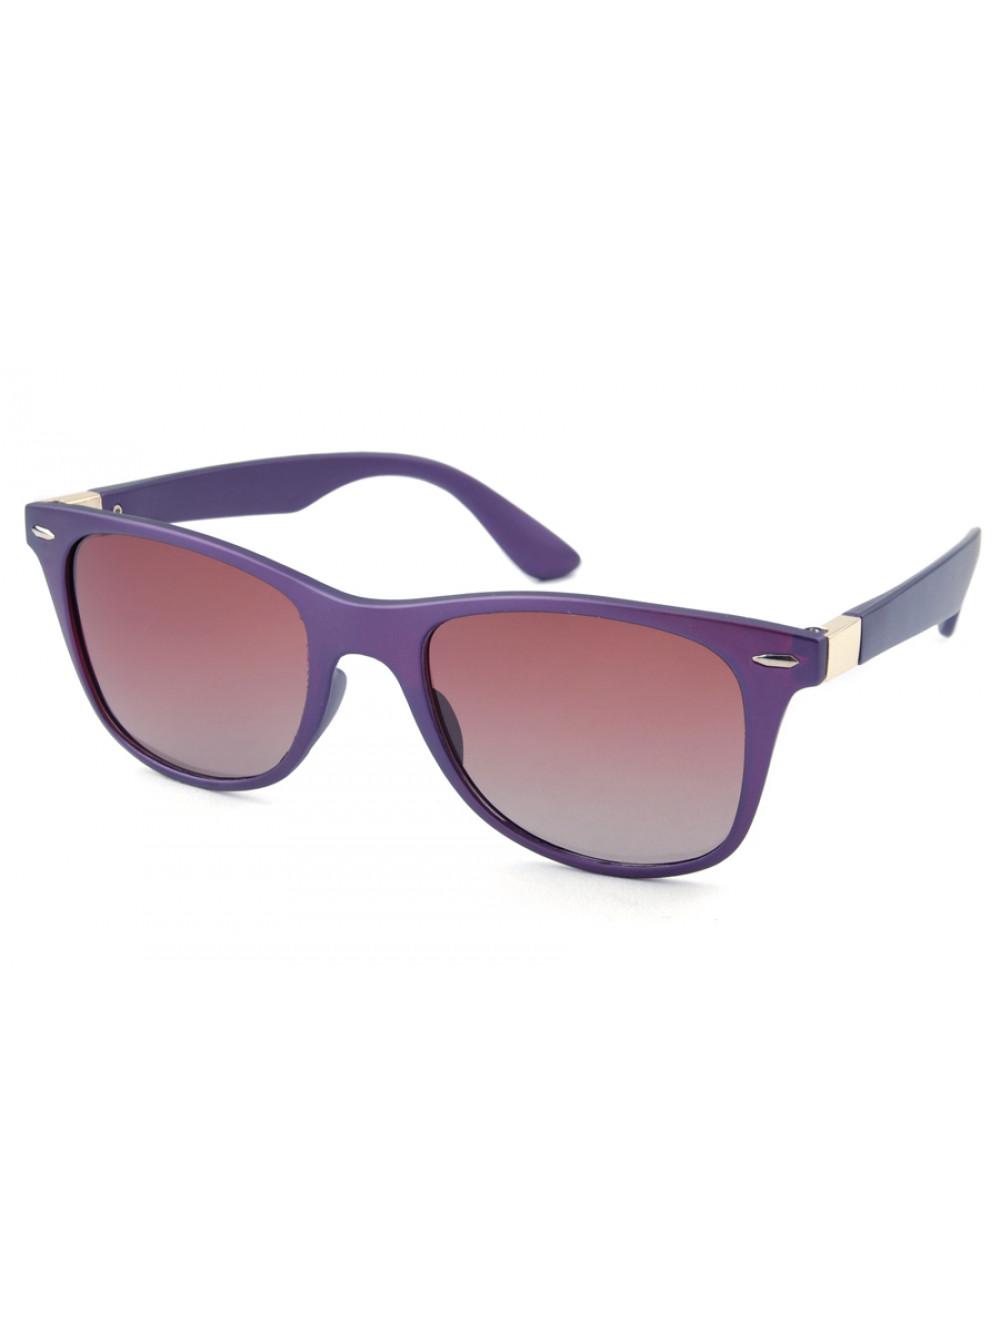 Slnečné okuliare Premium Purple polarizačné 9bf7ec5a62a